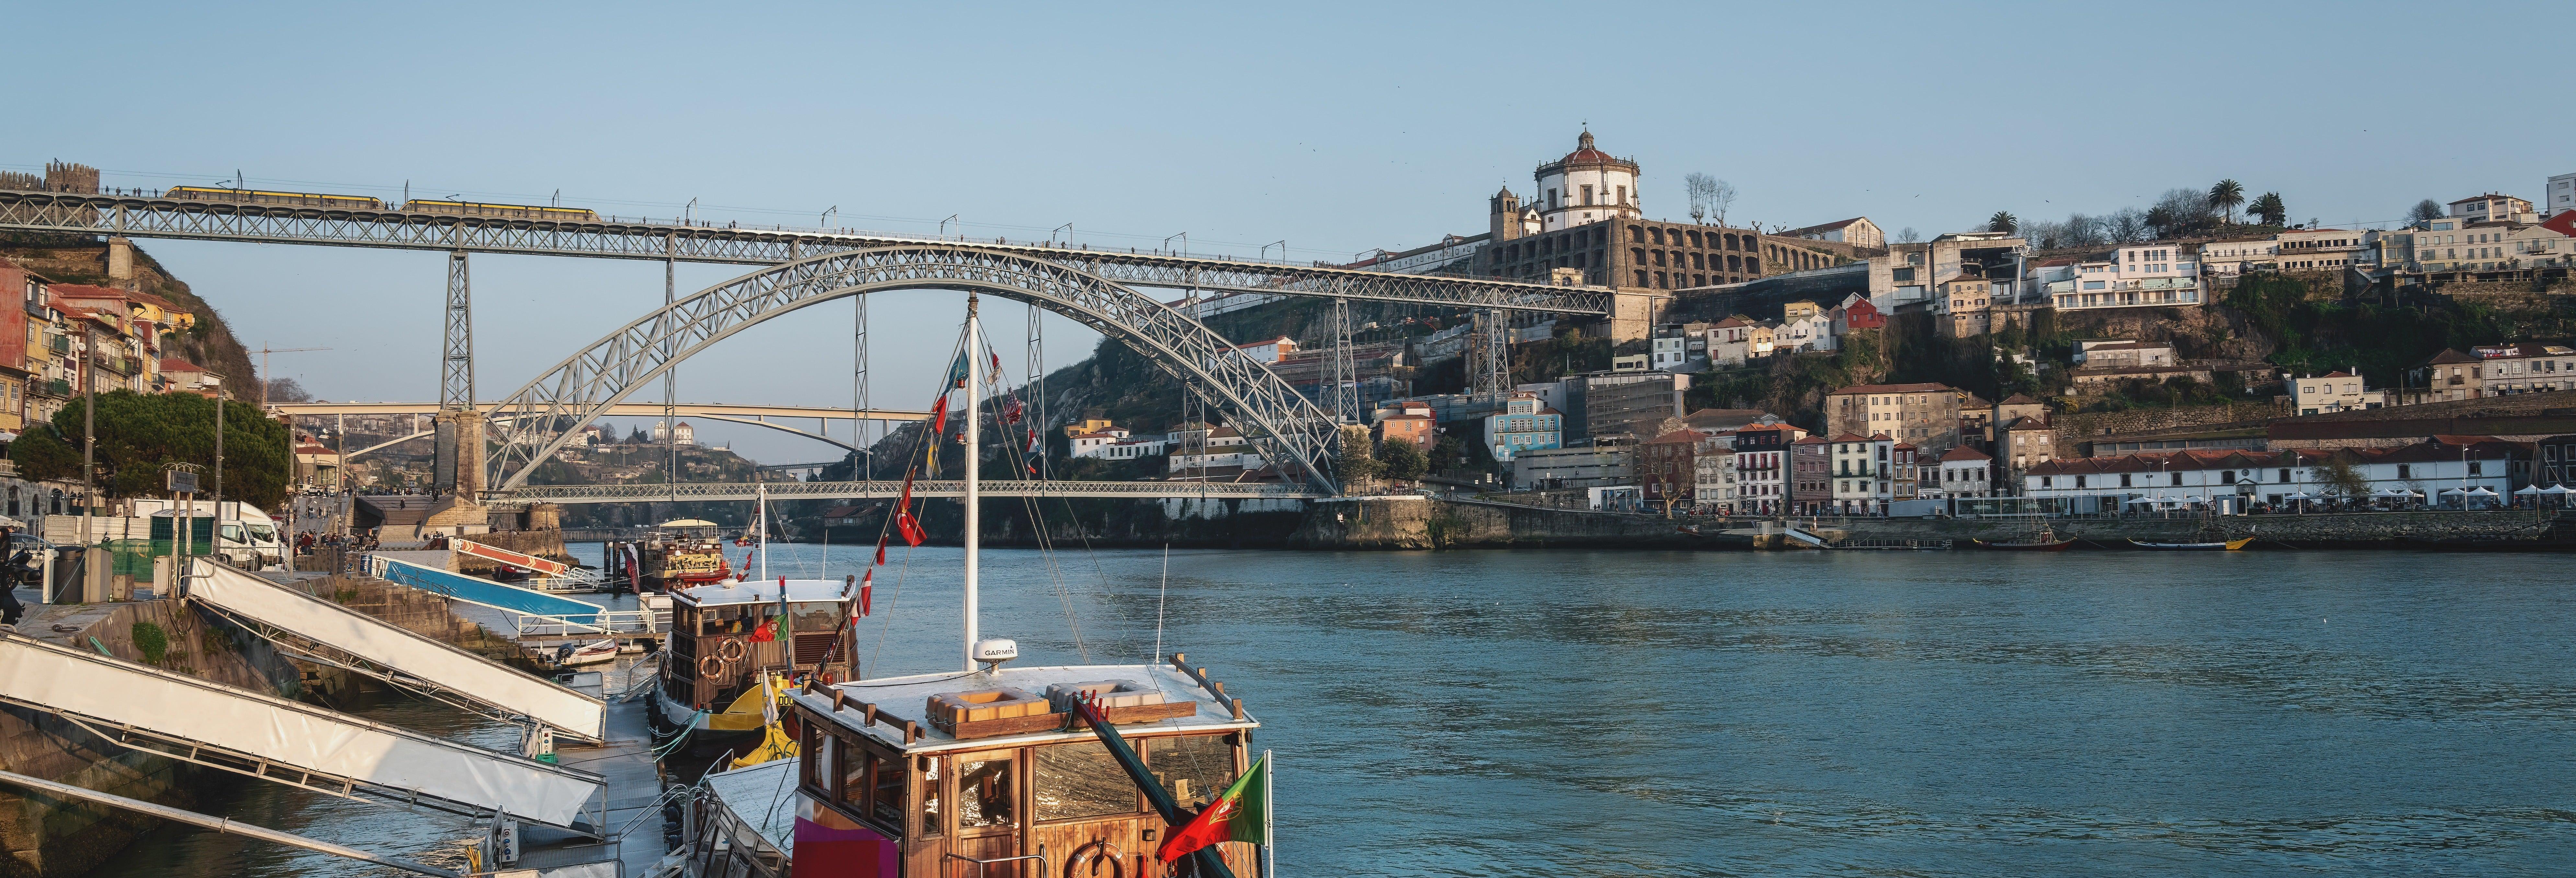 Crucero de los seis puentes desde Vila Nova de Gaia